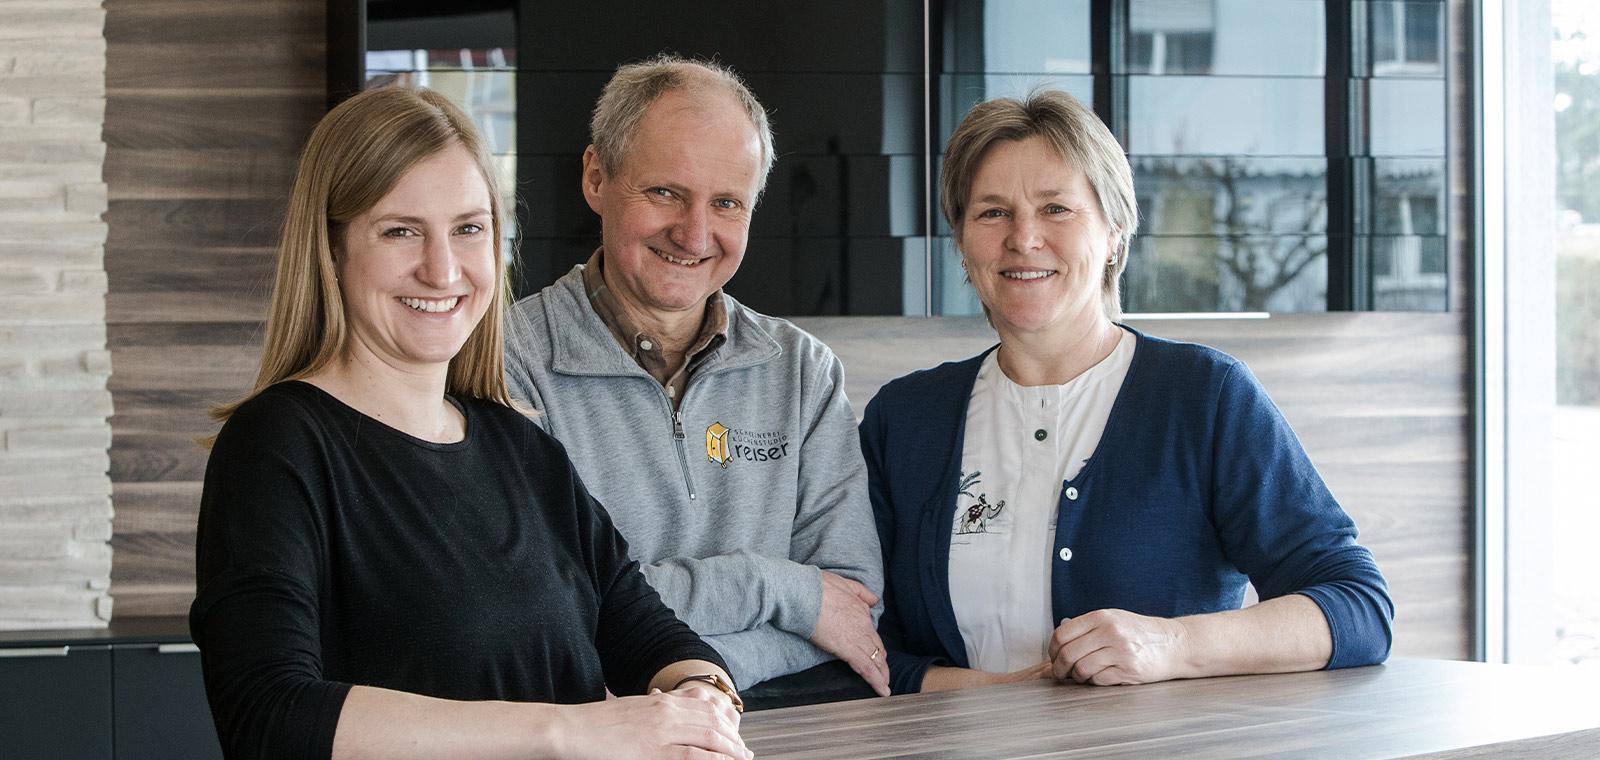 Familie Reiser - Ulrike Reiser, Hermann Reiser und Gabi Reiser (v.l.n.r.)